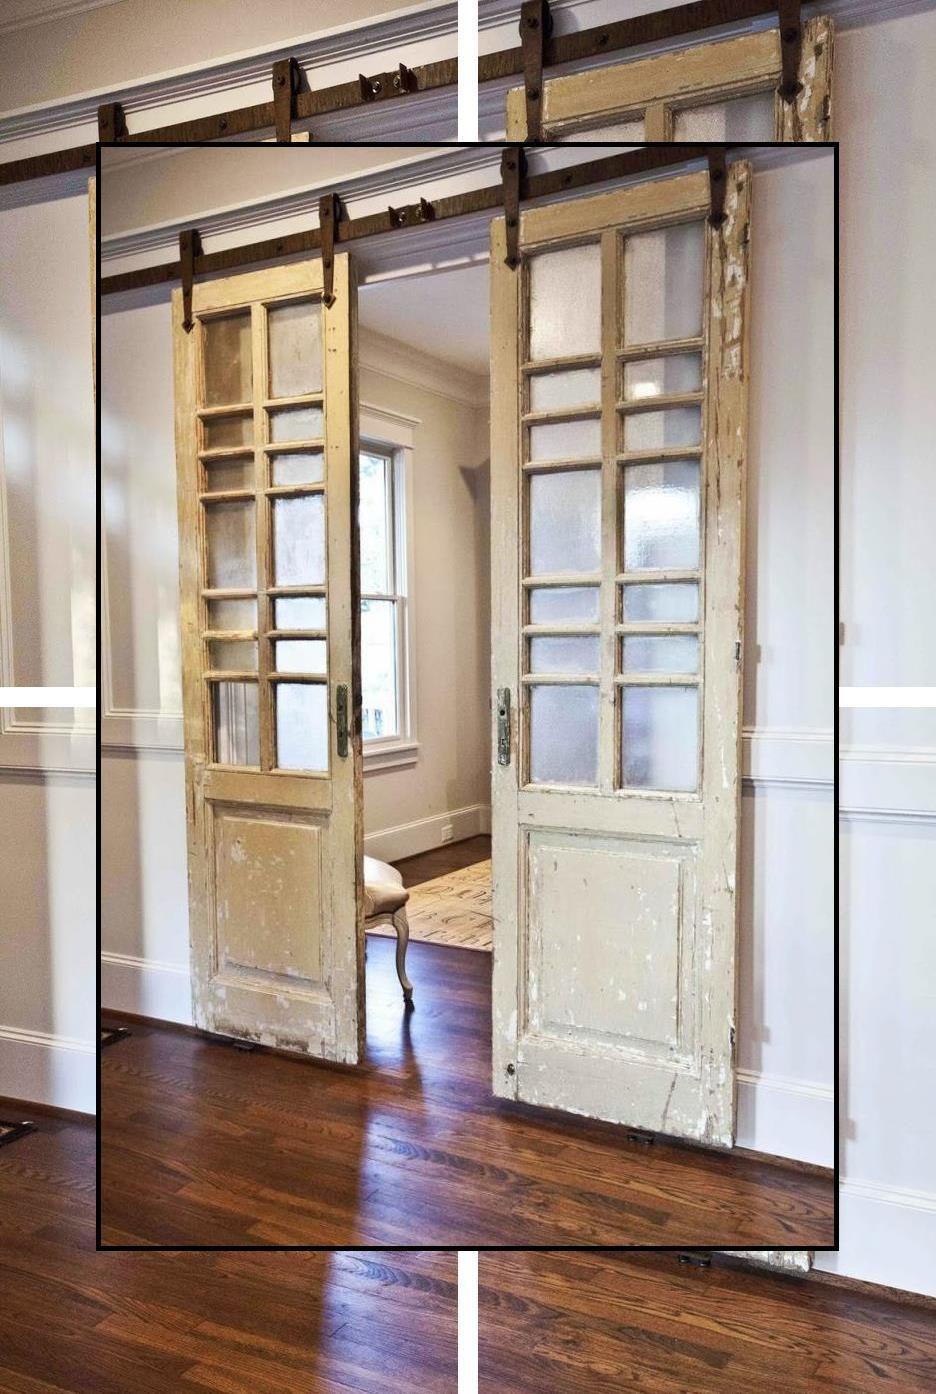 Sliding Barn Doors For Sale Sliding Door Kit Diy Sliding Door In 2020 Interior Barn Doors Barn Doors For Sale French Doors Interior